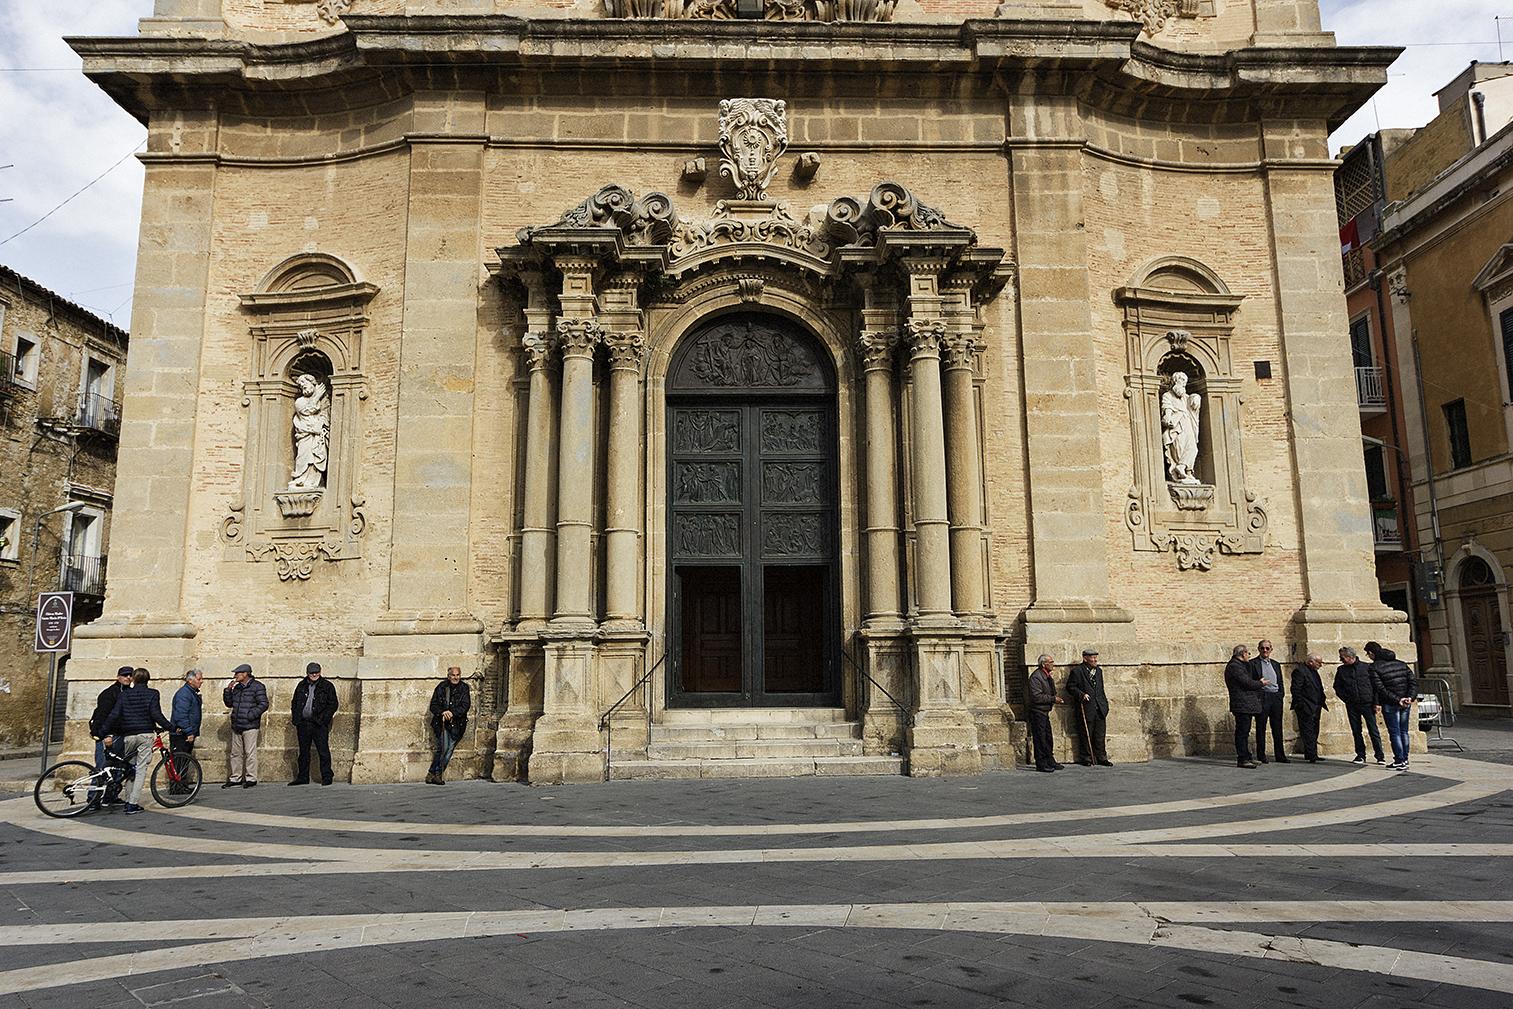 Niscemi (CL), Novembre 2017. Chiesa di Santa Maria D'Itria, presso la piazza principale di Niscemi, piazza Vittorio Emanuele III. © Chiara Faggionato